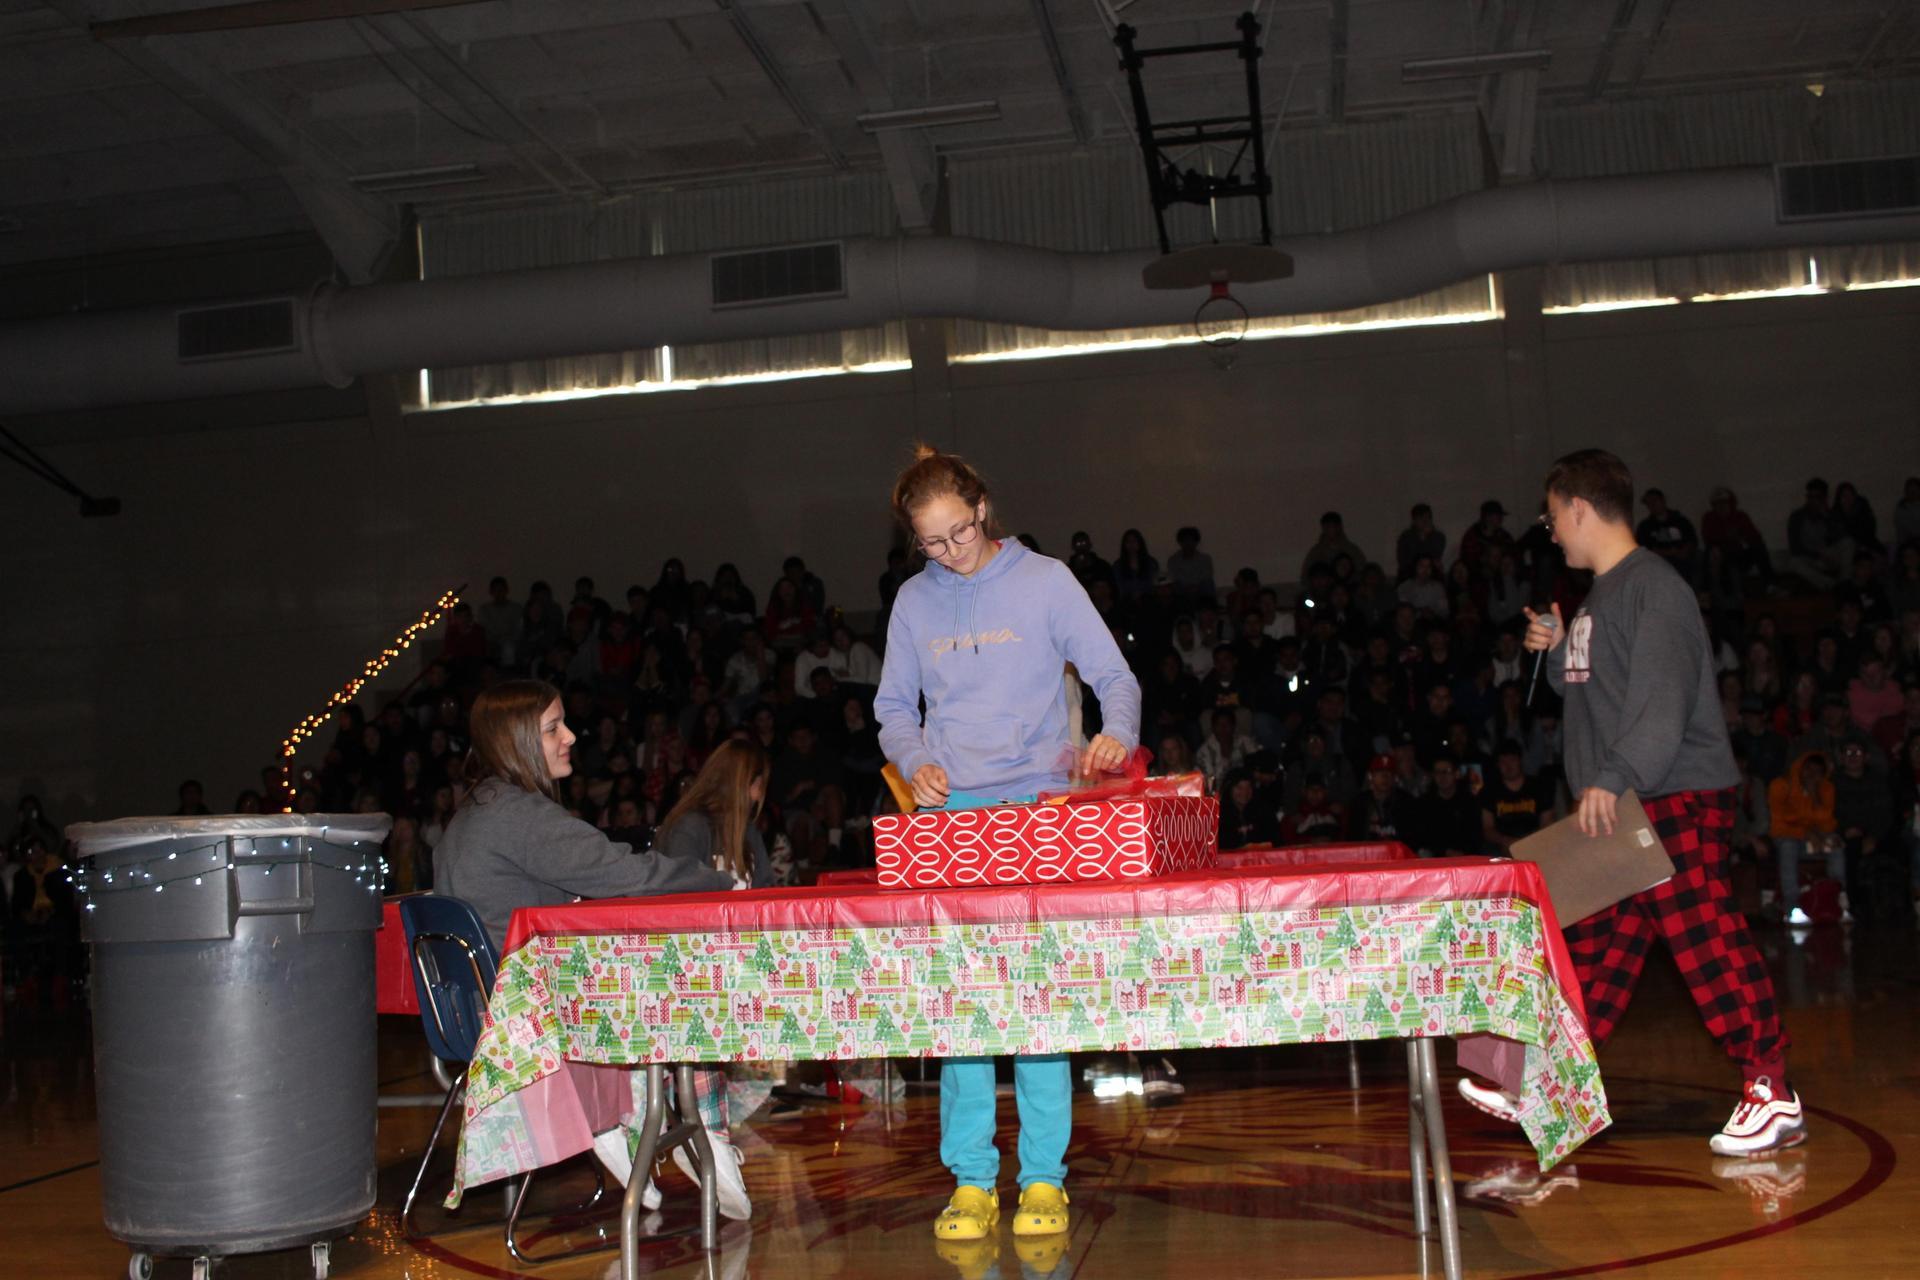 Lauren Bass opening her gift